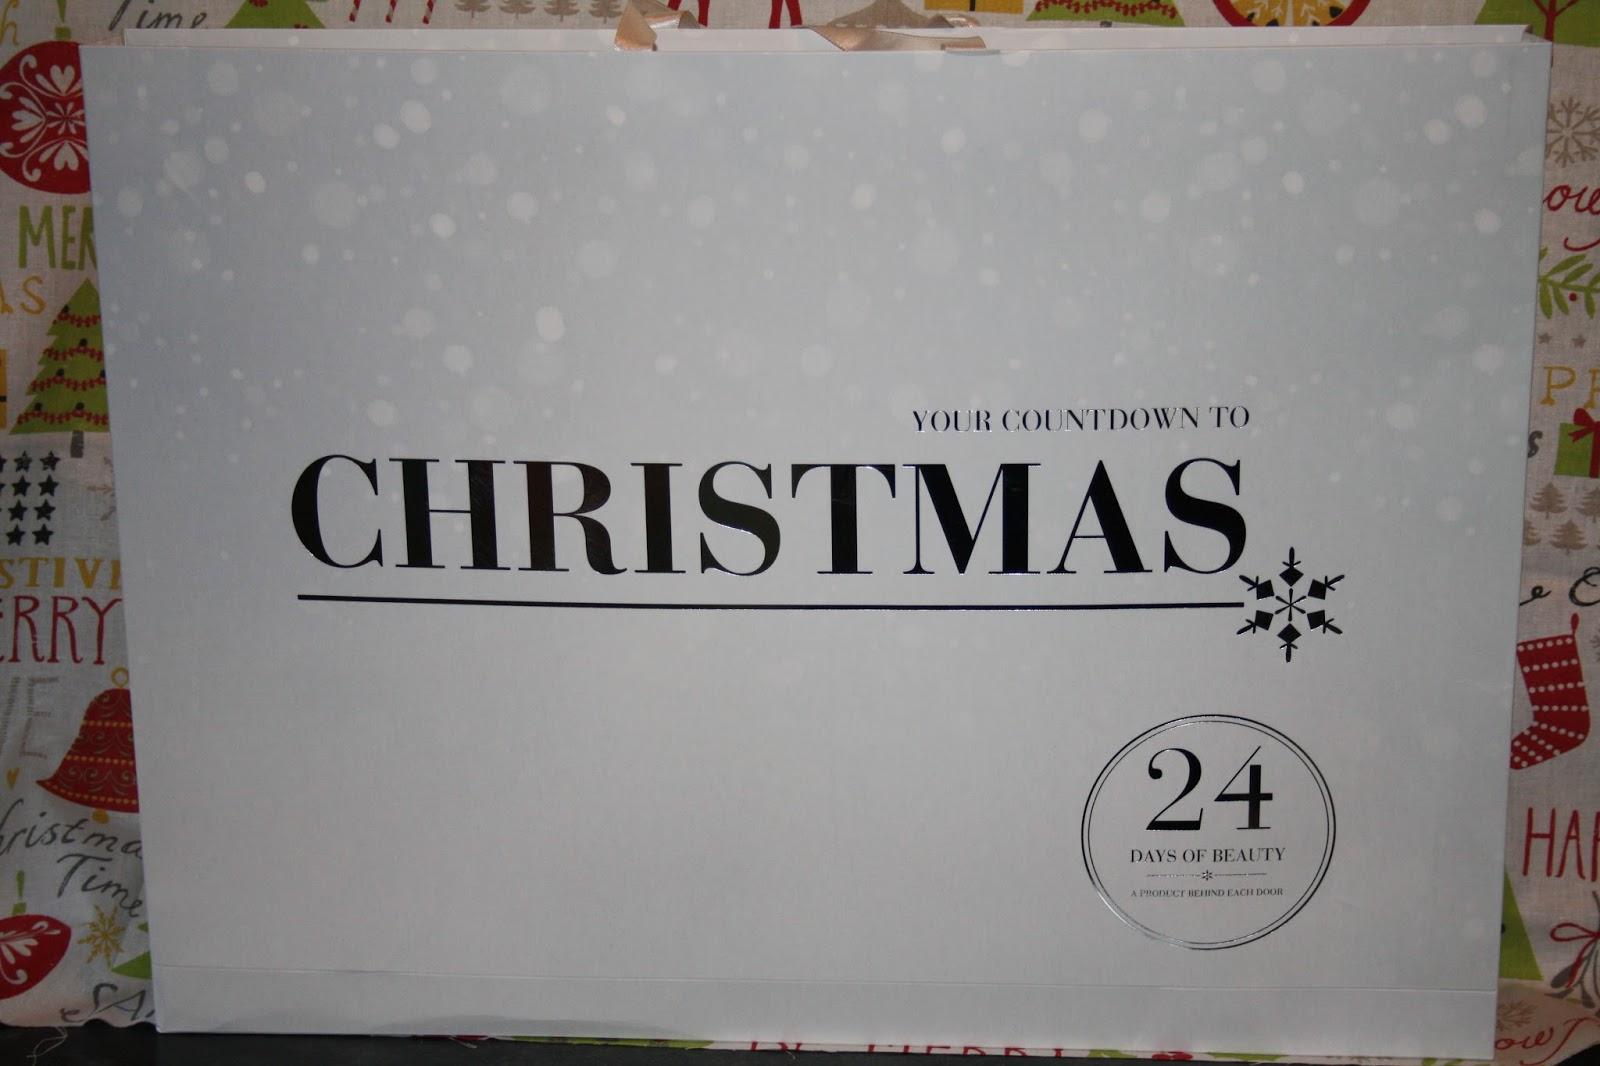 The Tesco Calendar Outer Bag